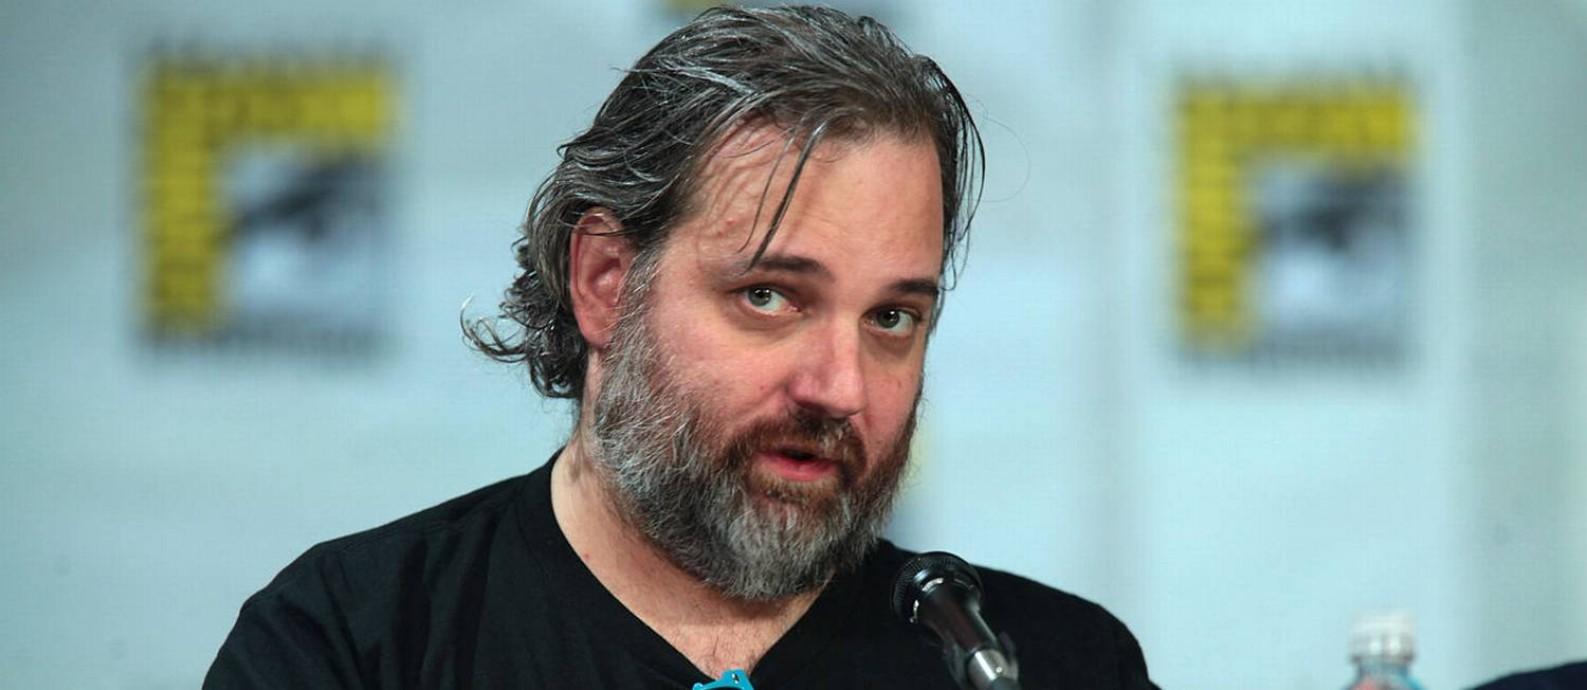 Coautor de 'Rick and Morty', Dan Harmon pediu desculpas por vídeo de mau gosto Foto: Divulgação